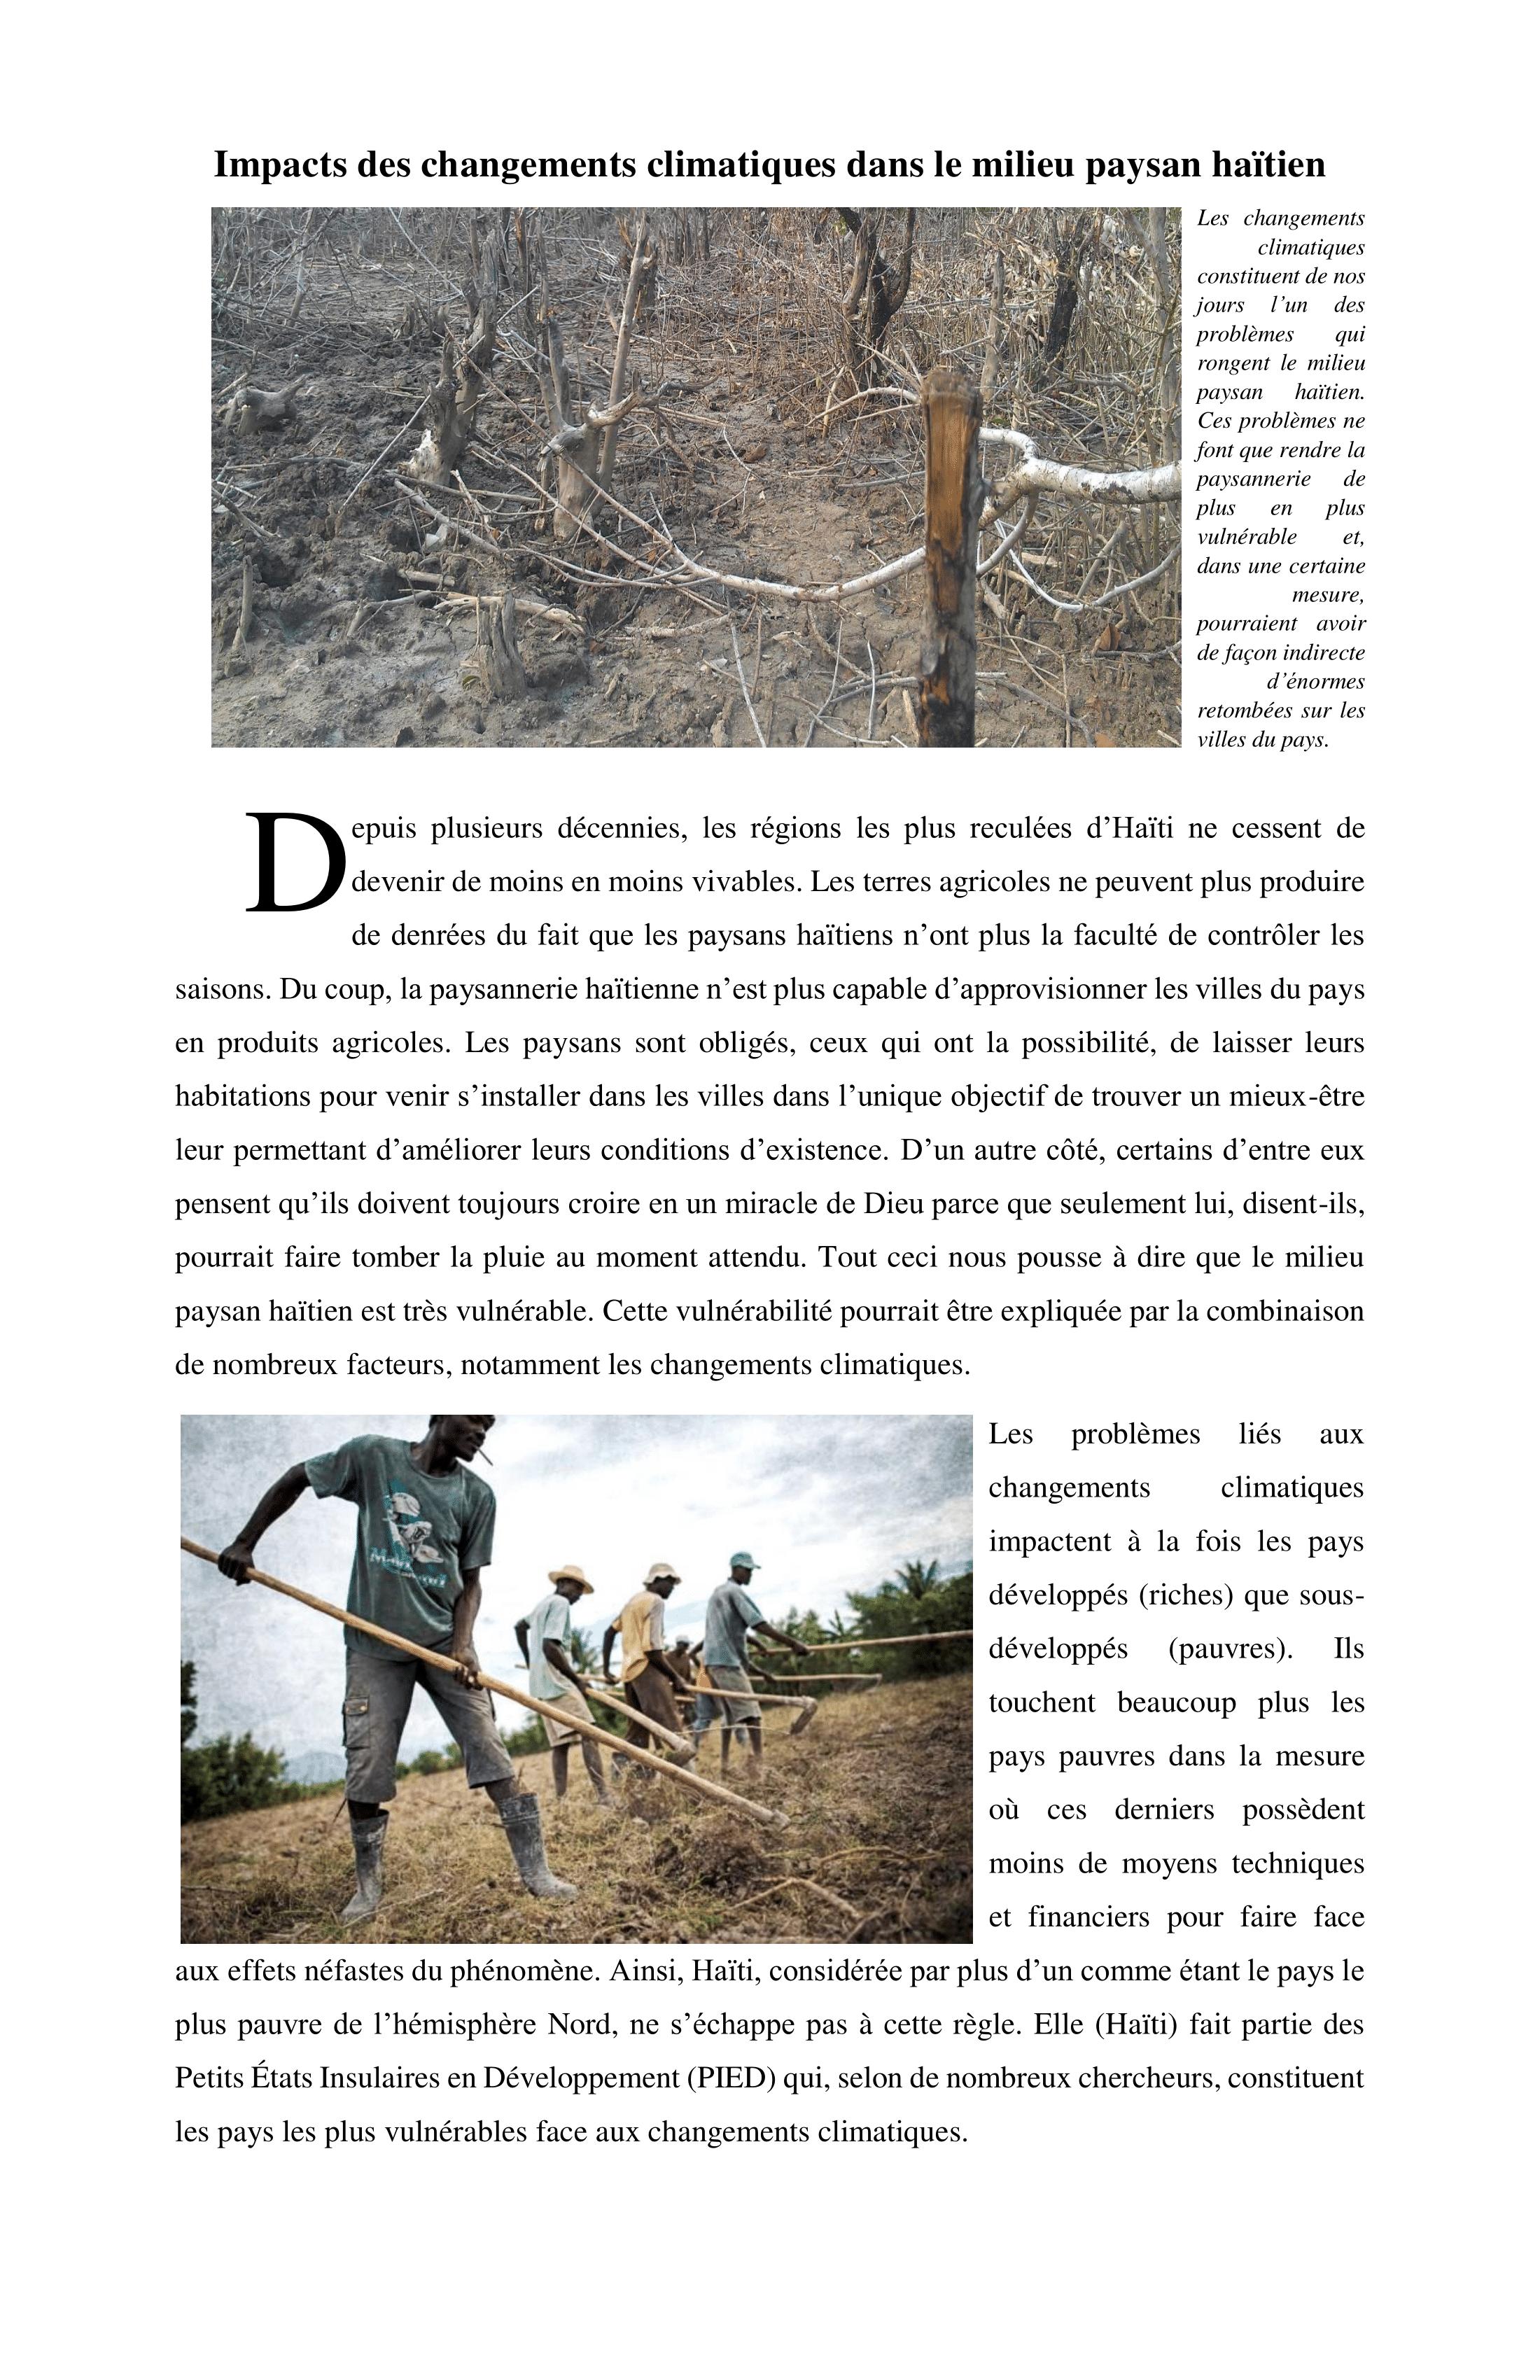 IMPACTS DES CHANGEMENS CLIMATIQUES DANS LE MILIEU PAYSAN HAITIEN (Article) - Anolex RAPHAEL-1.png